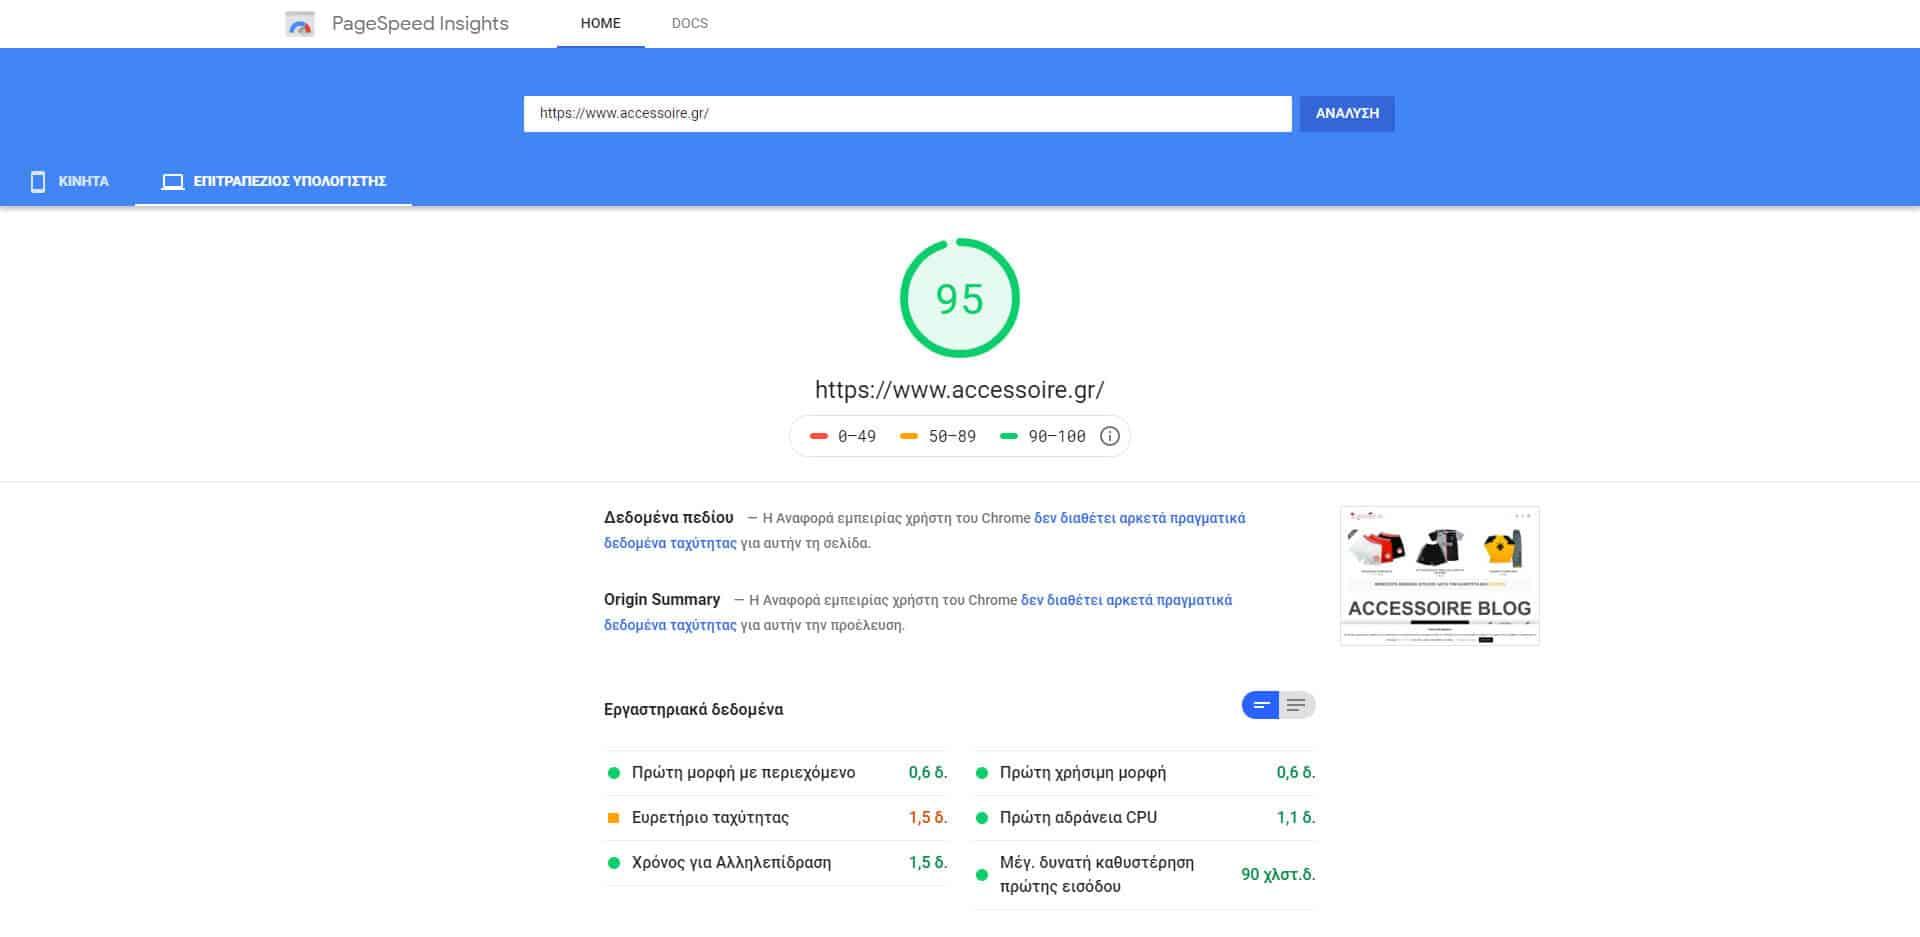 Μετρήσεις βελτιστοποίησης ιστοσελίδας για Desktop απο το Pageseed Insights